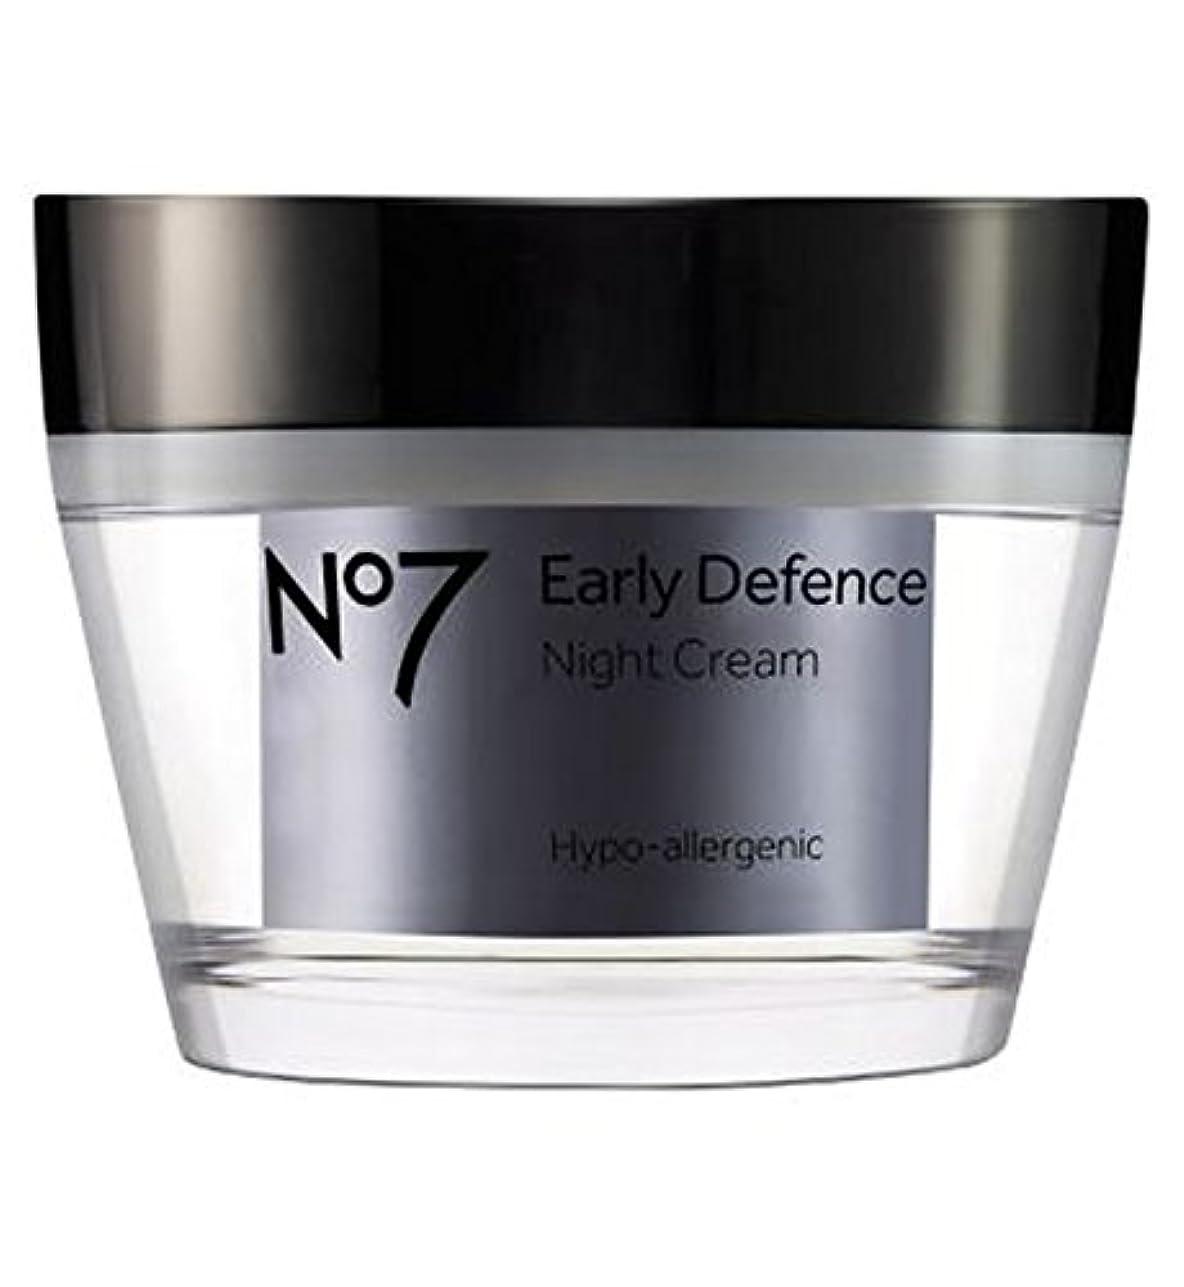 ステレオタイプ贅沢な神秘No7早期防衛ナイトクリーム (No7) (x2) - No7 Early Defence Night Cream (Pack of 2) [並行輸入品]